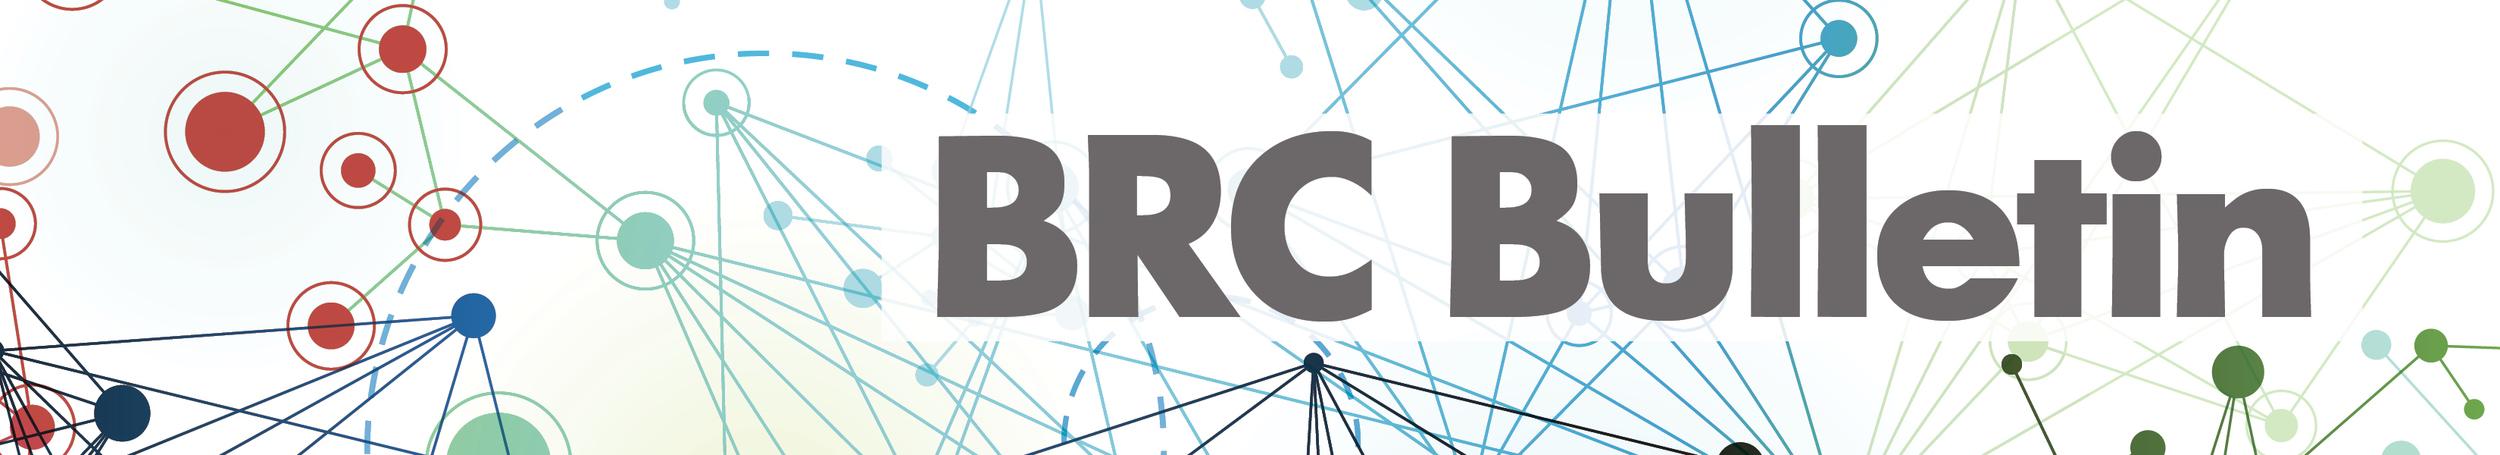 BRC Bulletin V2.jpg